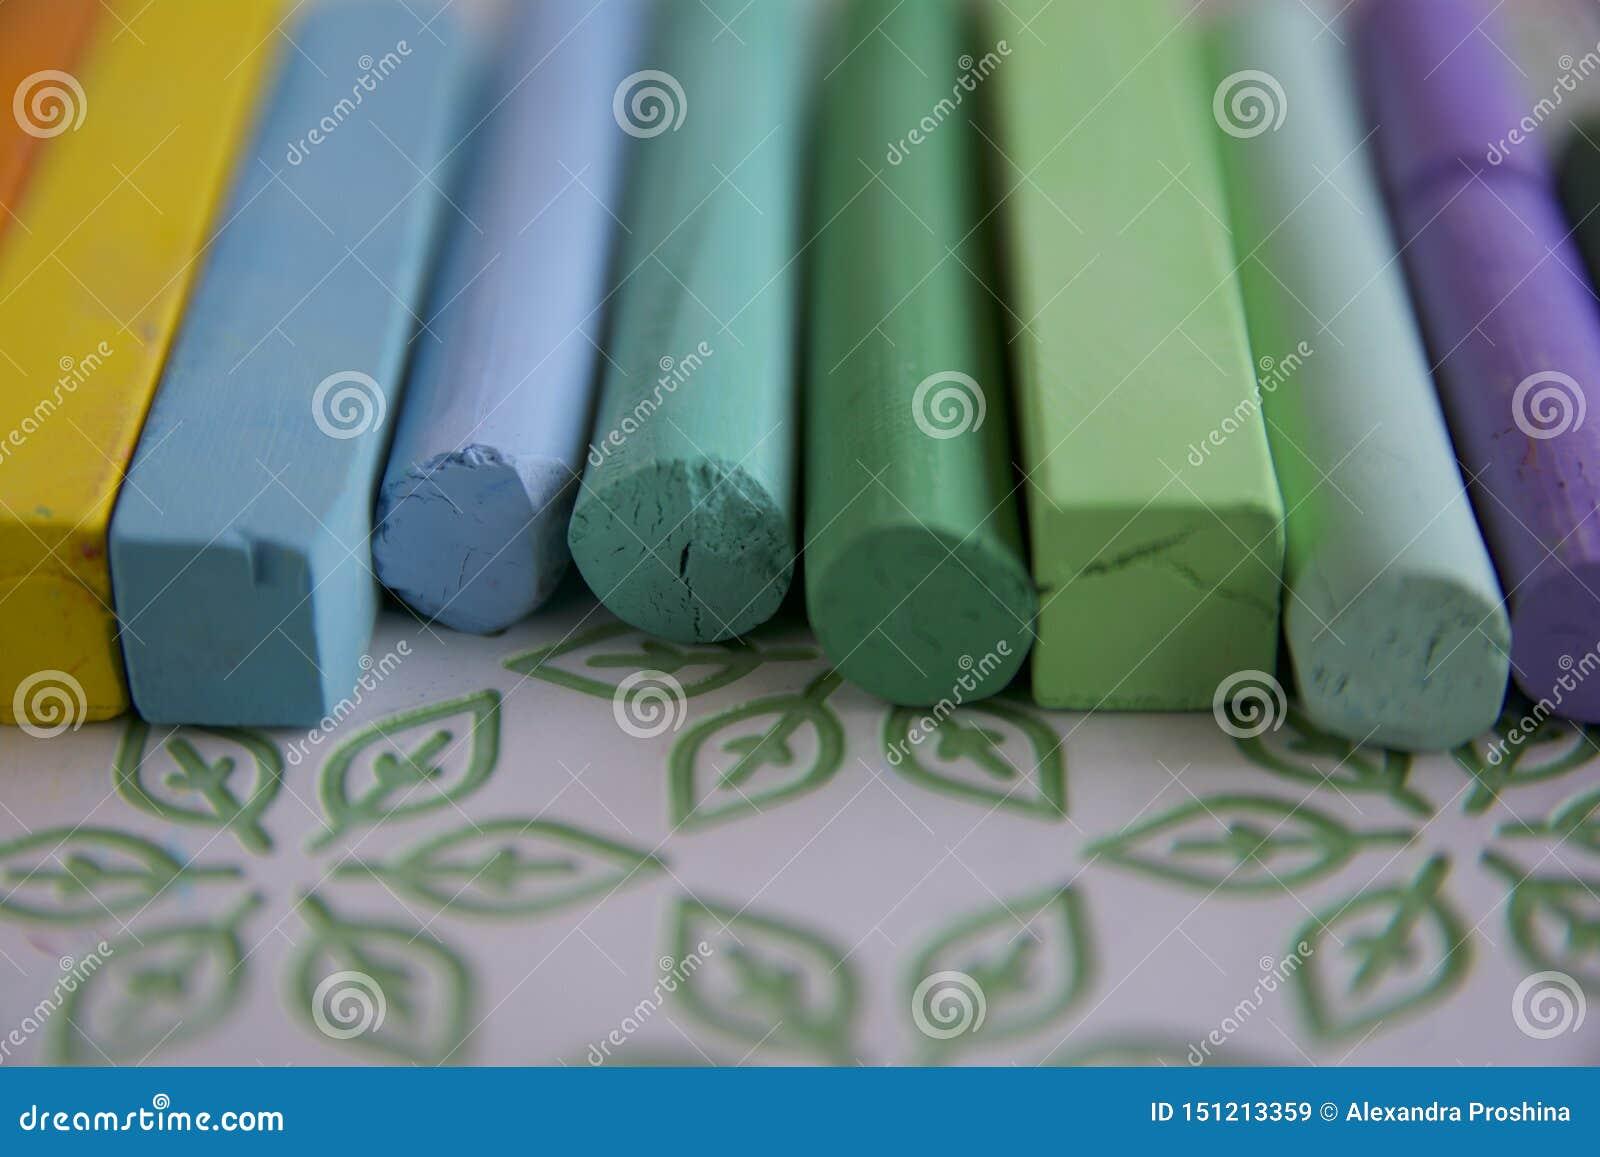 与一个小组的照片艺术性的柔和的淡色彩棍子与柔和的淡色彩绿色树荫优势的  r